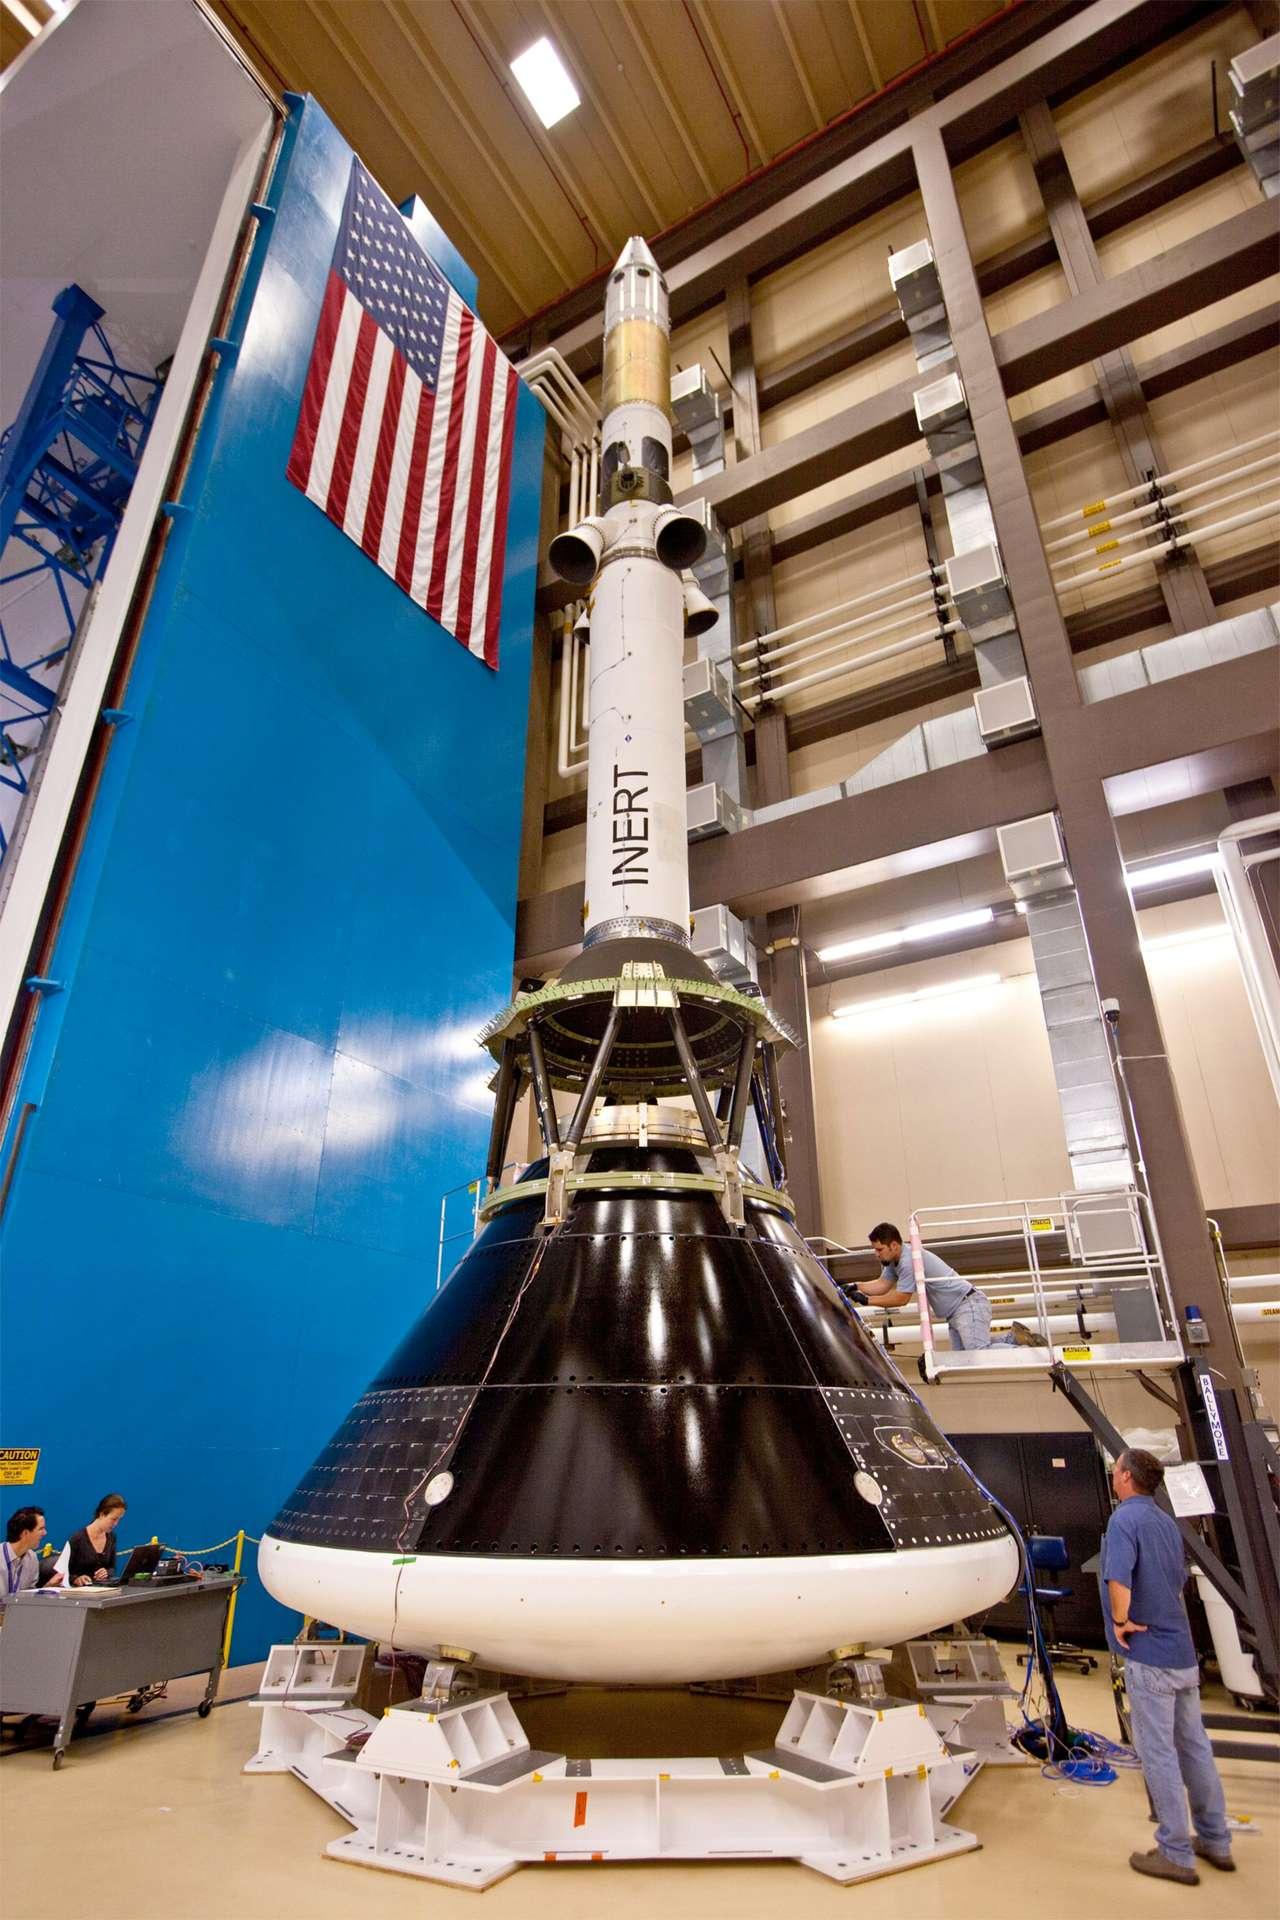 Première photo montrant la capsule Orion MPCV avec sa tour de sauvetage (LAS, Launch Abort System), l'ensemble étant préparé pour des essais acoustiques et vibratoires. © Lockheed Martin